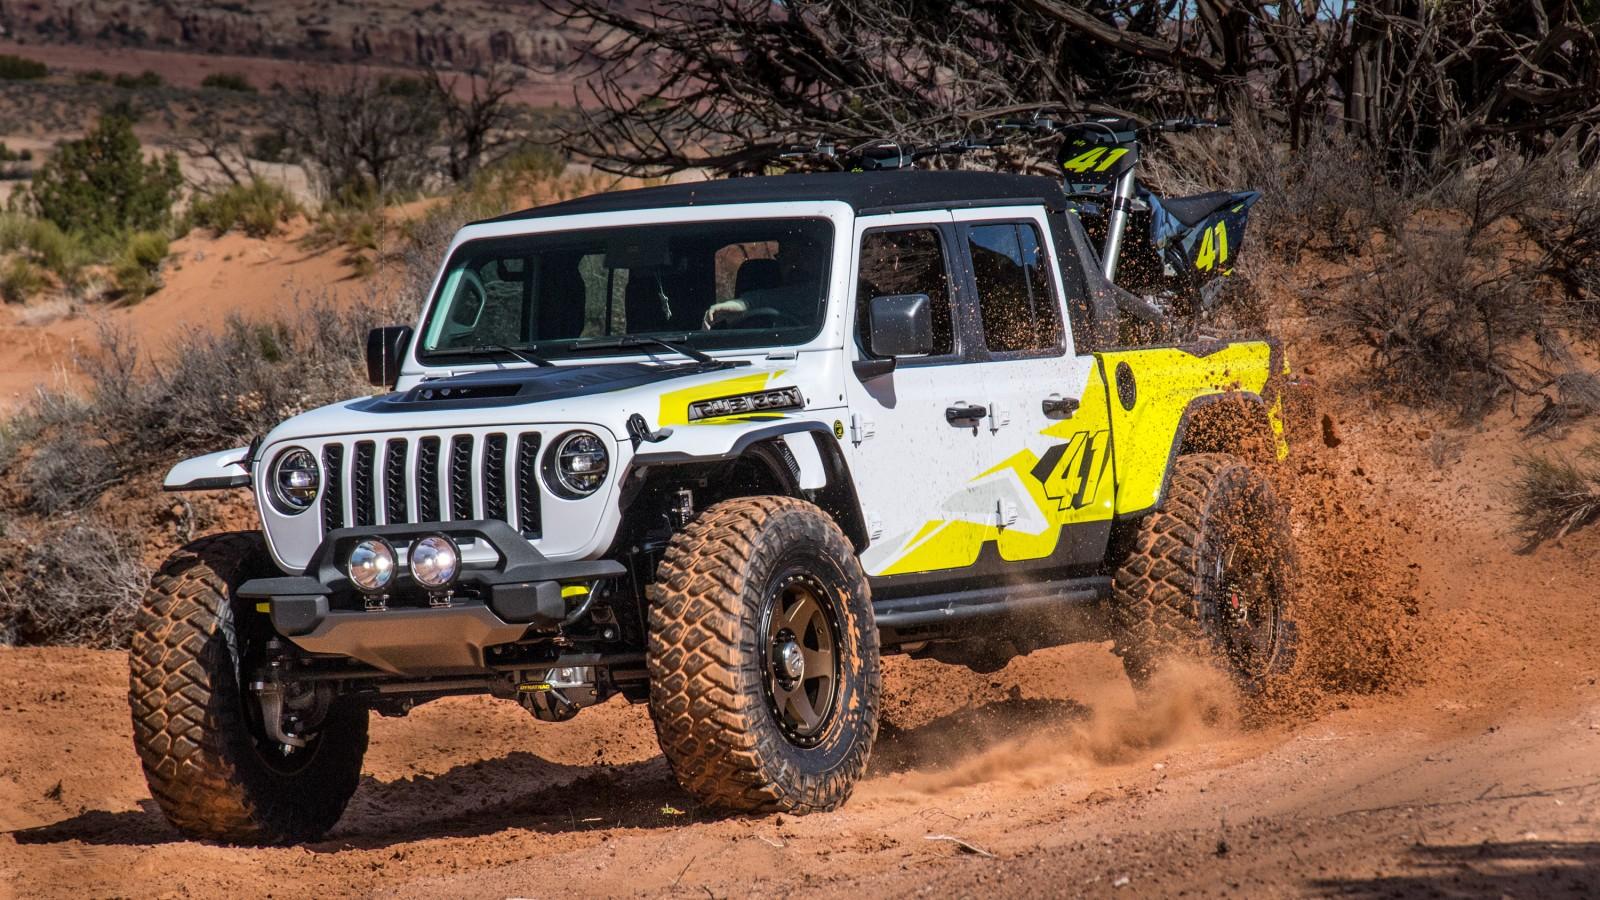 Jeep Flatbill 2019 Wallpaper Hd Car Wallpapers Id 12423